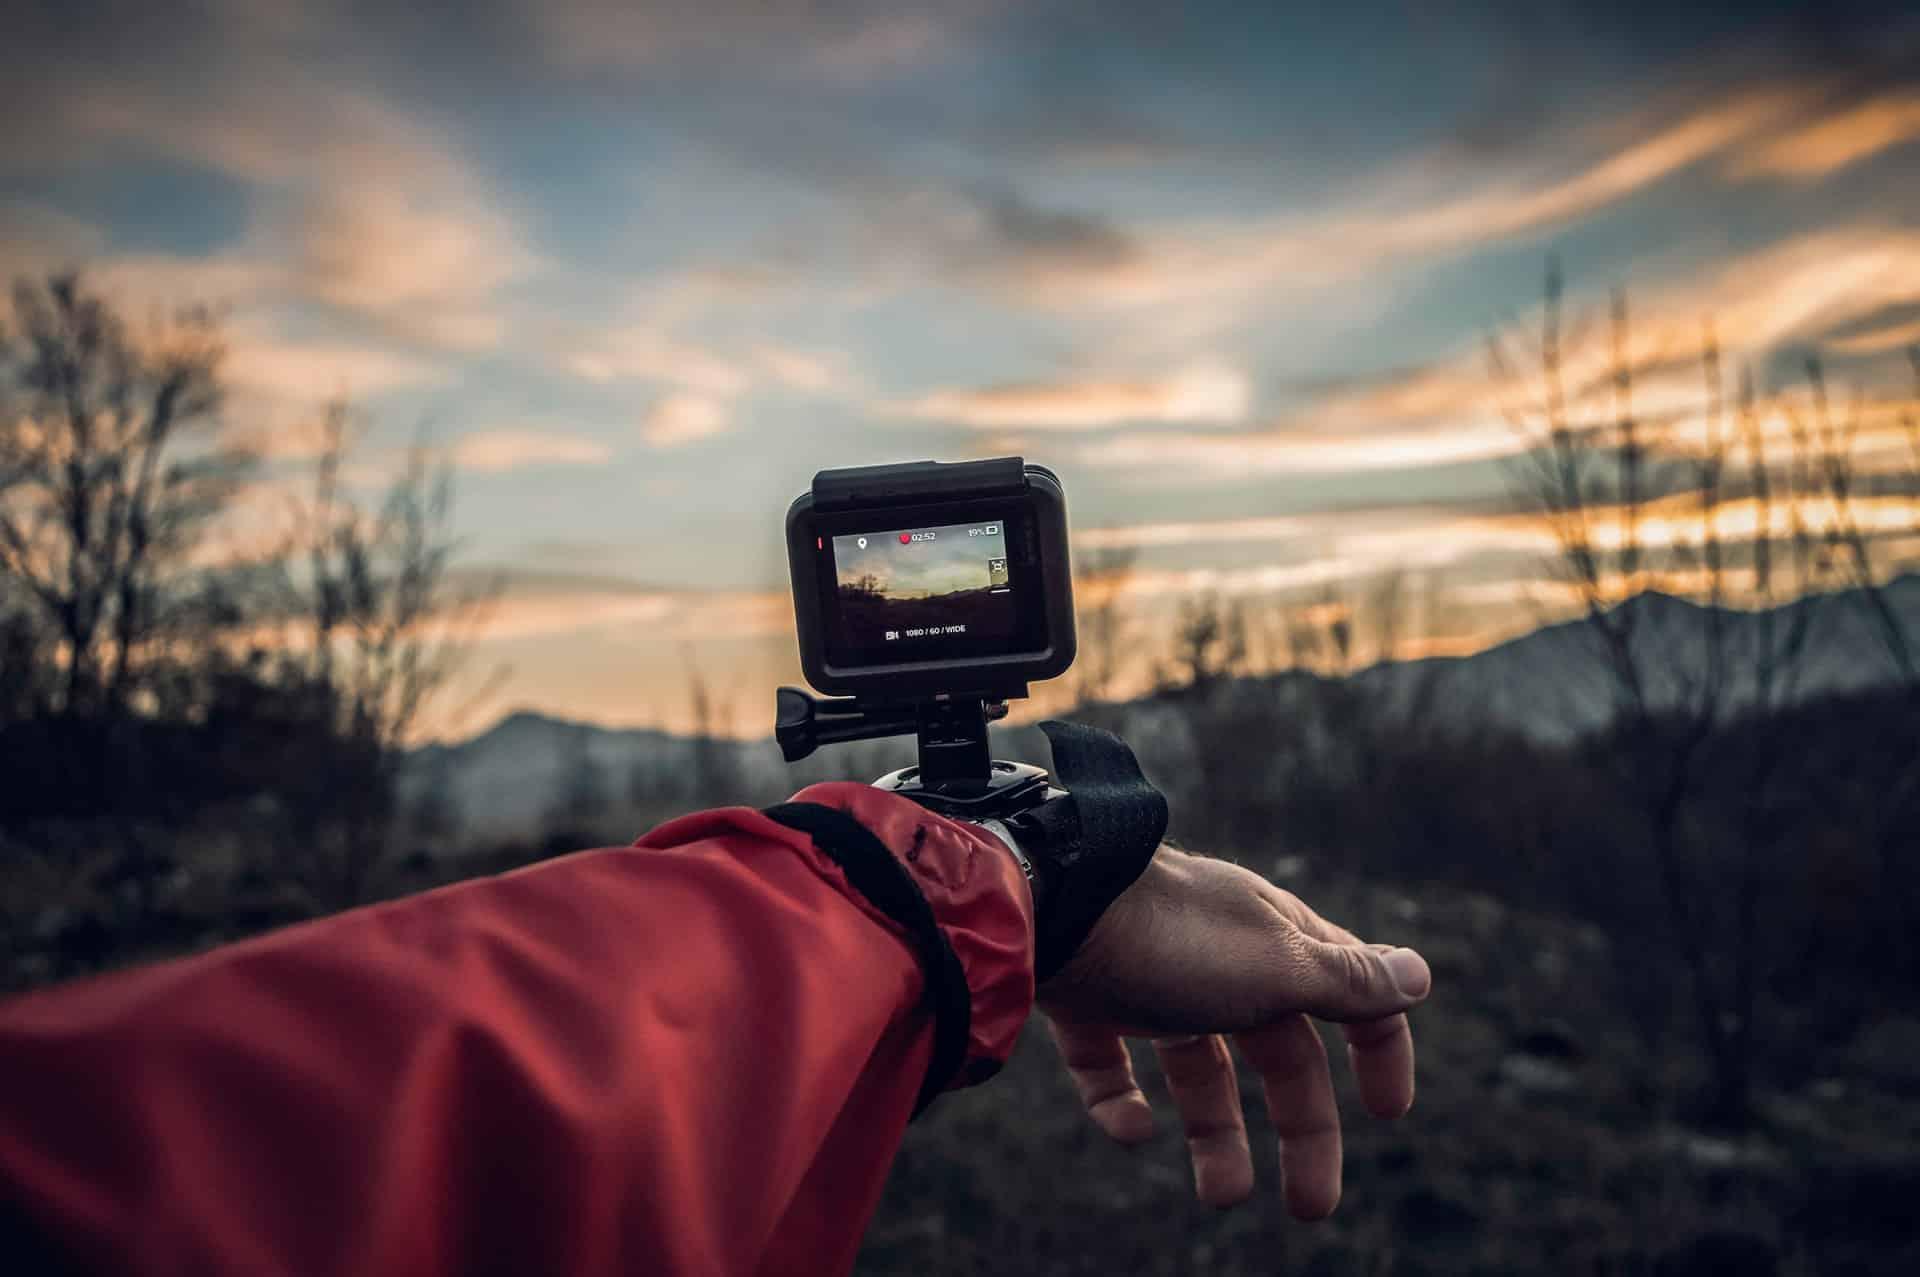 GoPro 7 HERO Camera Freezing Header Image